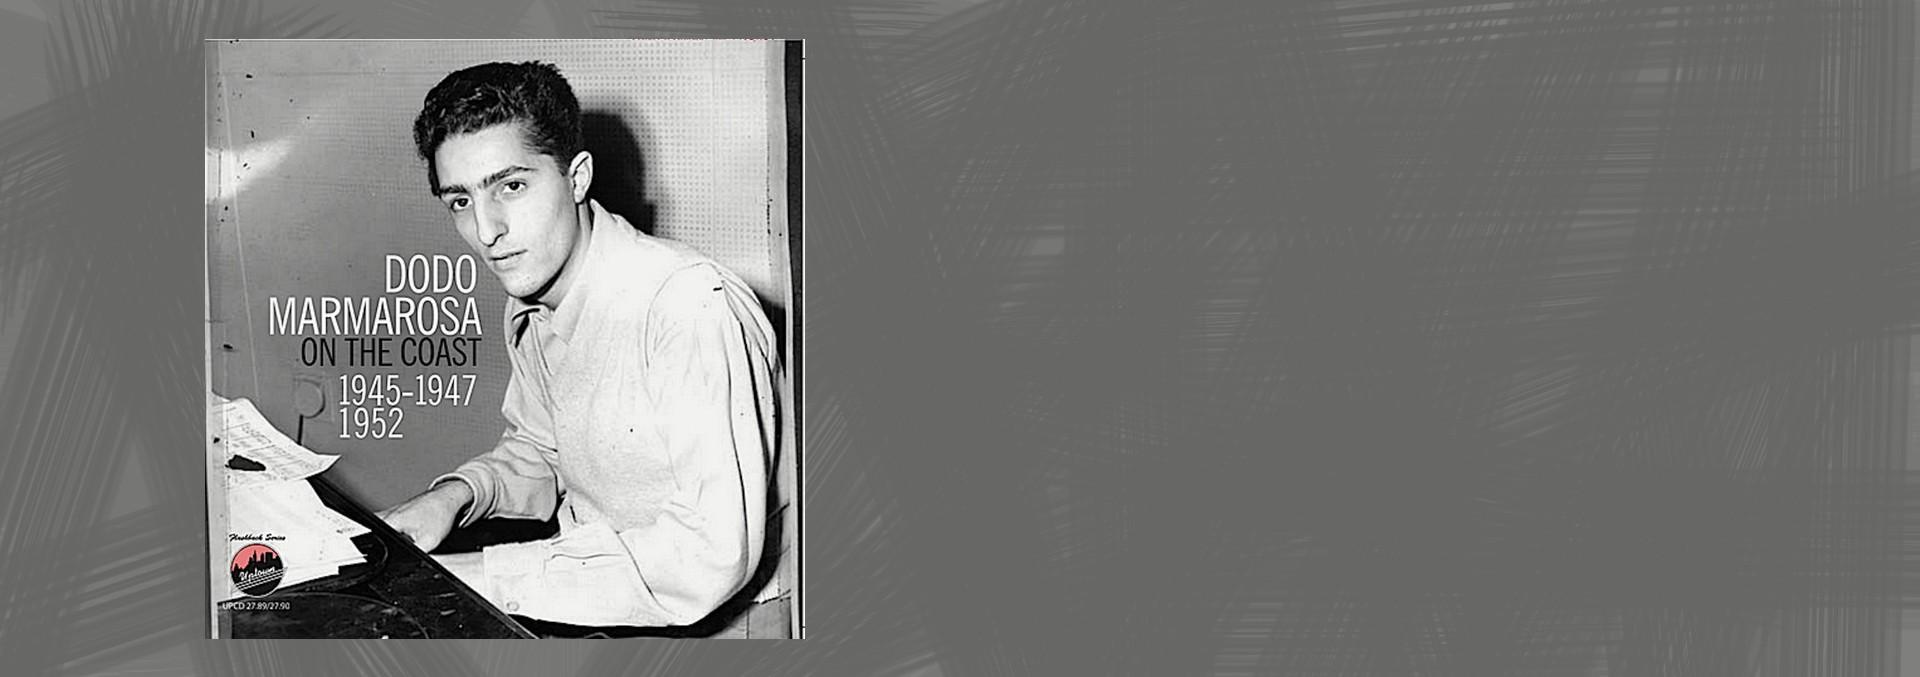 DODO MARMAROSA ON THE COAST - 1945-47 AND 1952